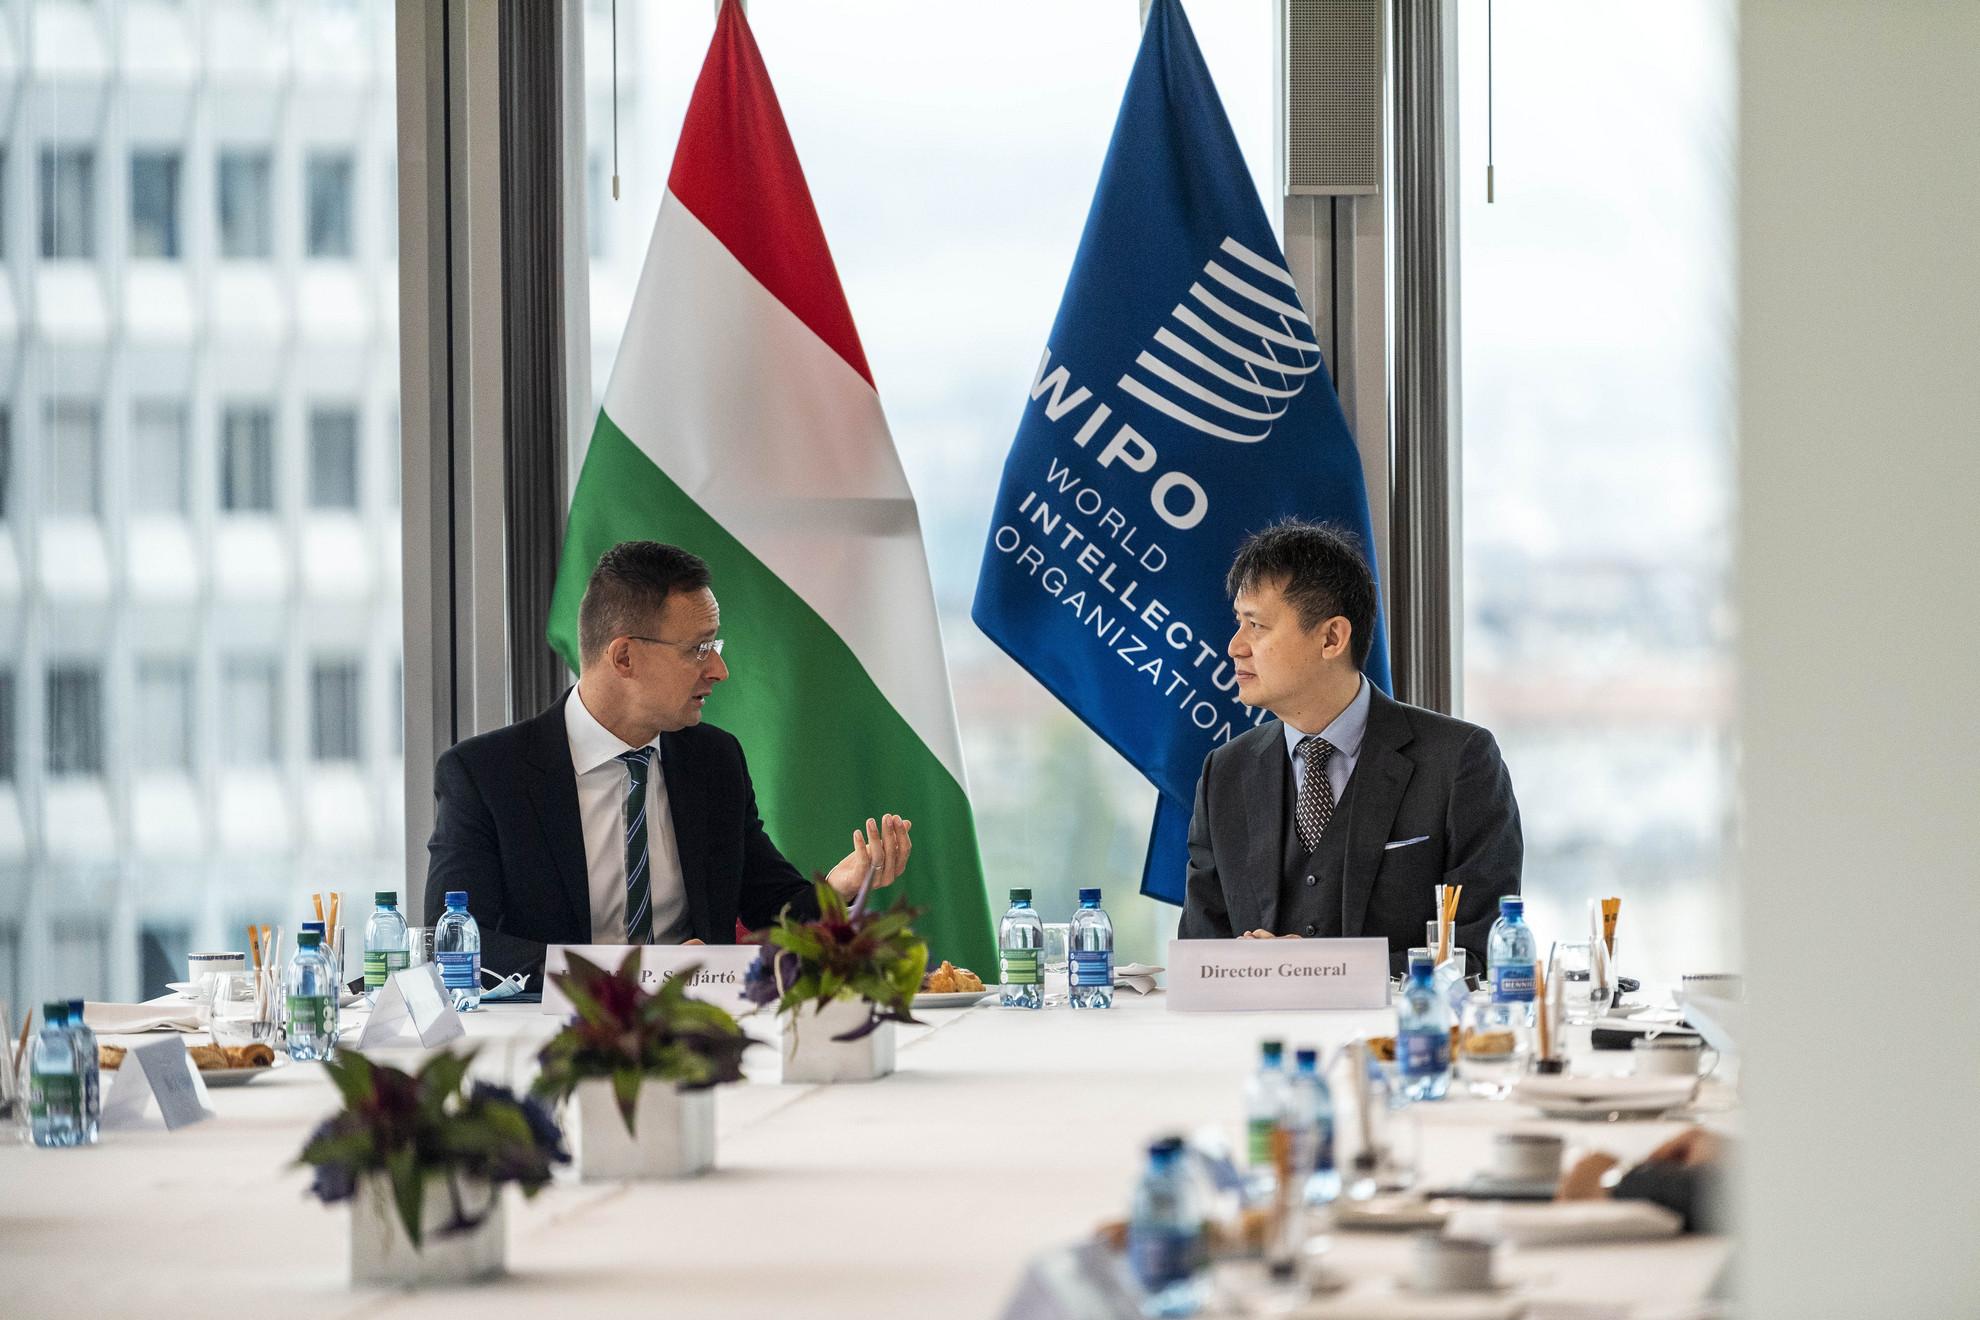 A Külgazdasági és Külügyminisztérium (KKM) által közreadott képen Szijjártó Péter külgazdasági és külügyminiszter (b) és Daren Tang, a WIPO (Szellemi Tulajdon Világszervezete) főigazgatója (j) megbeszélést folytat Genfben